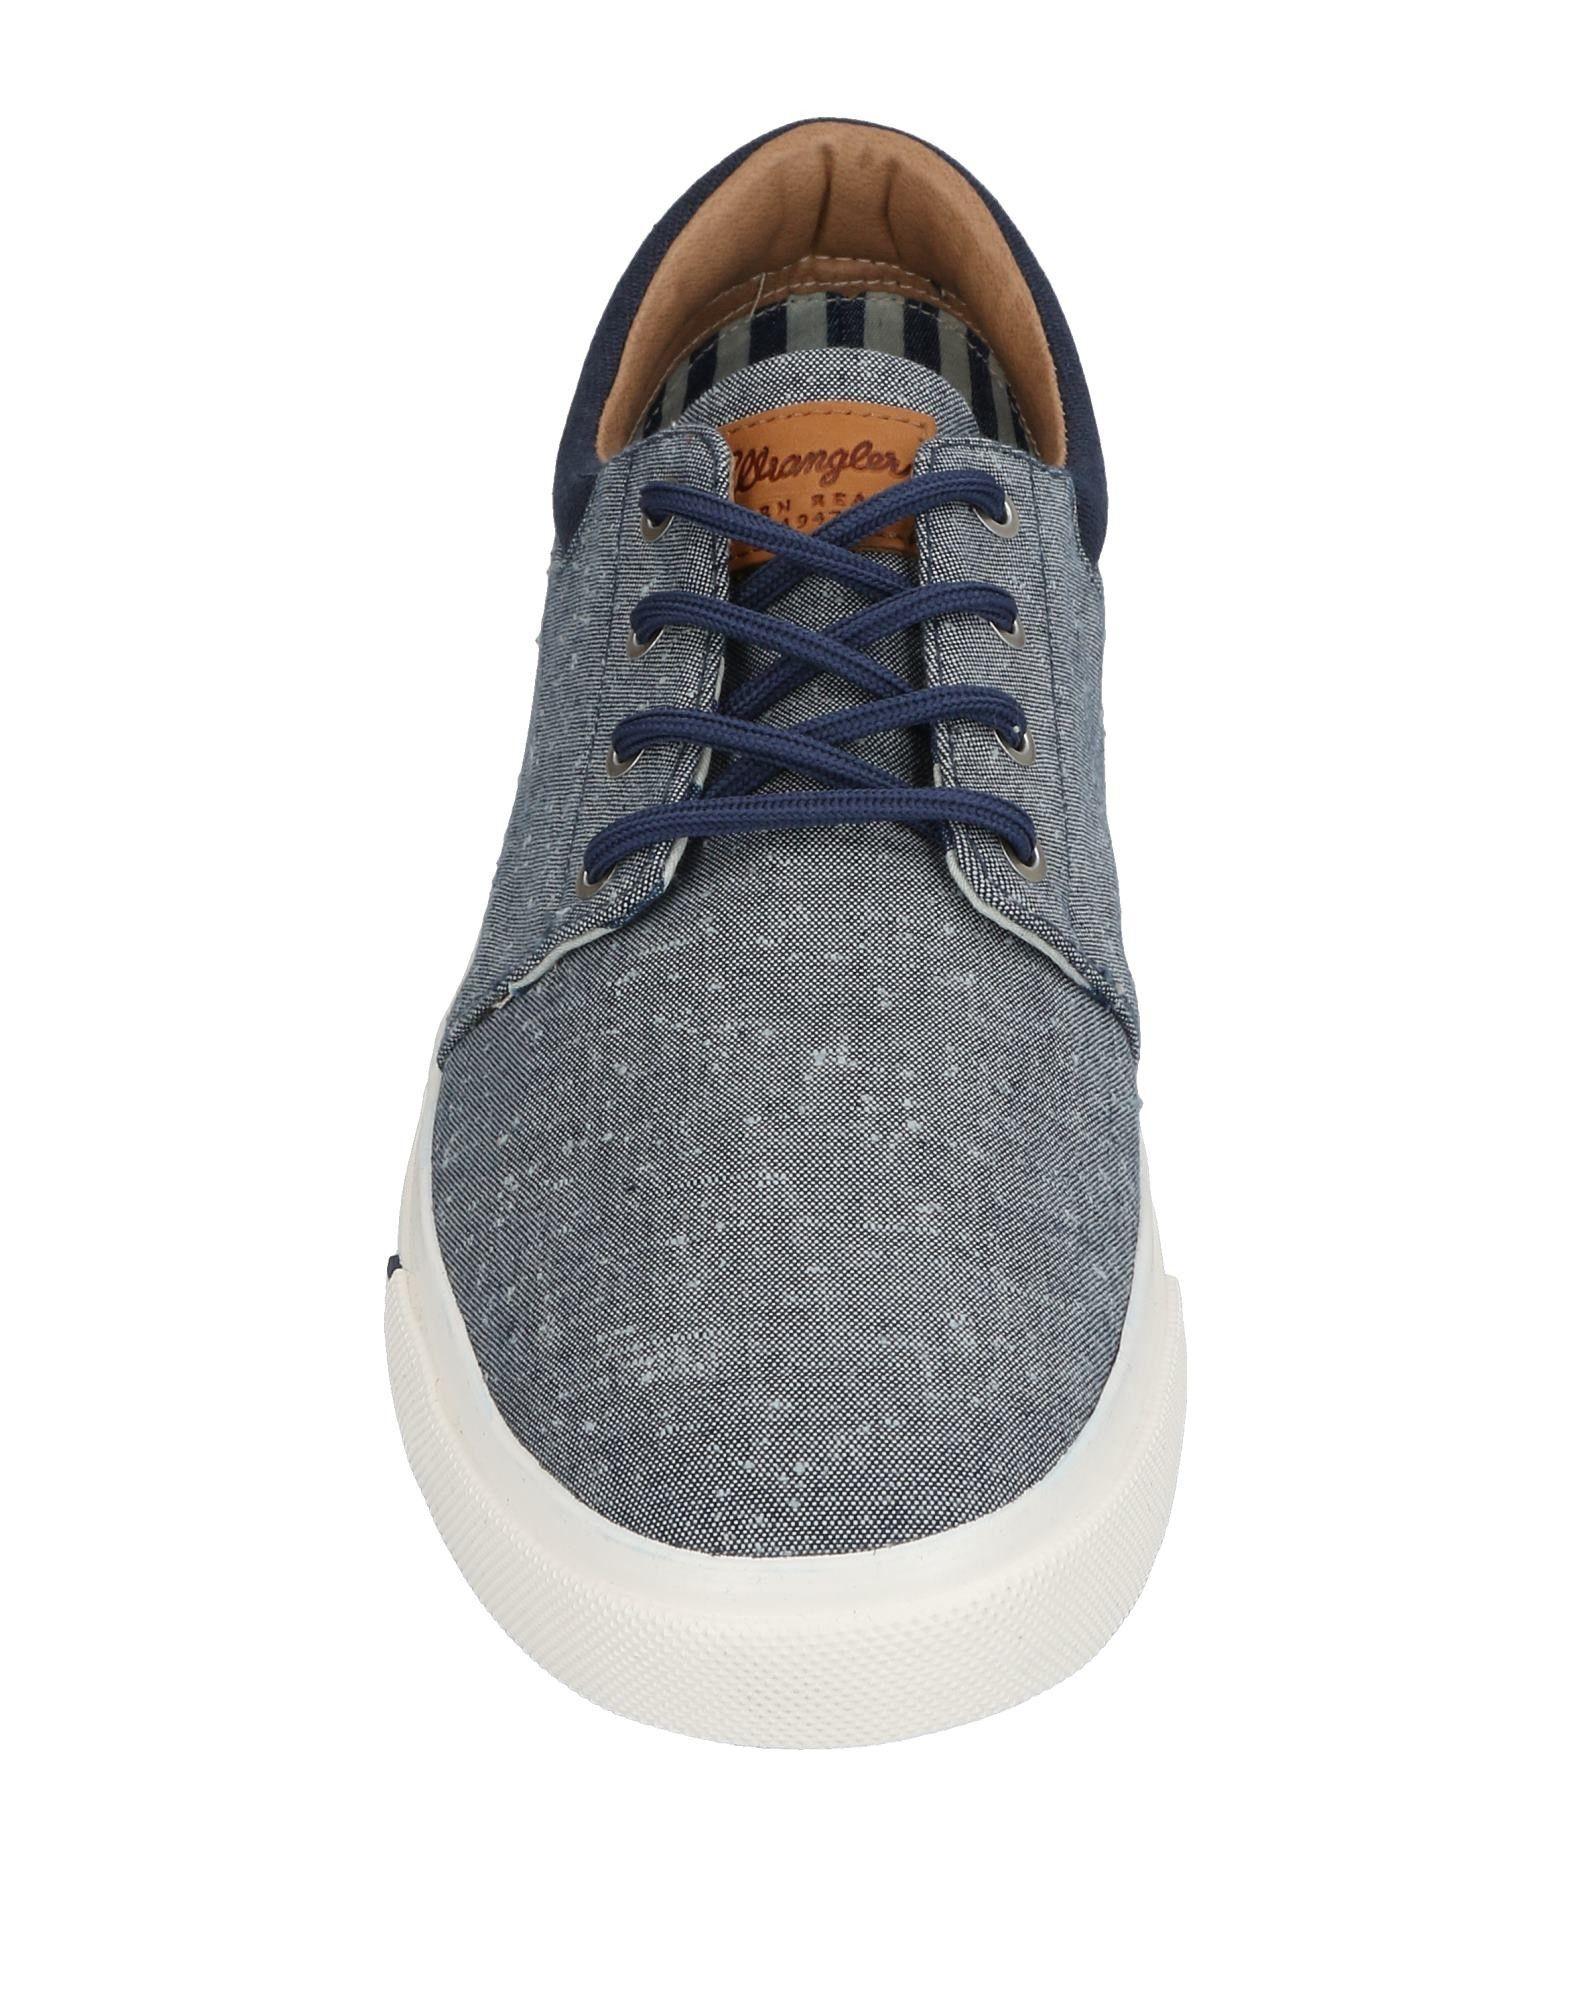 Wrangler Sneakers Sneakers Wrangler Herren  11463030XA 5411dd